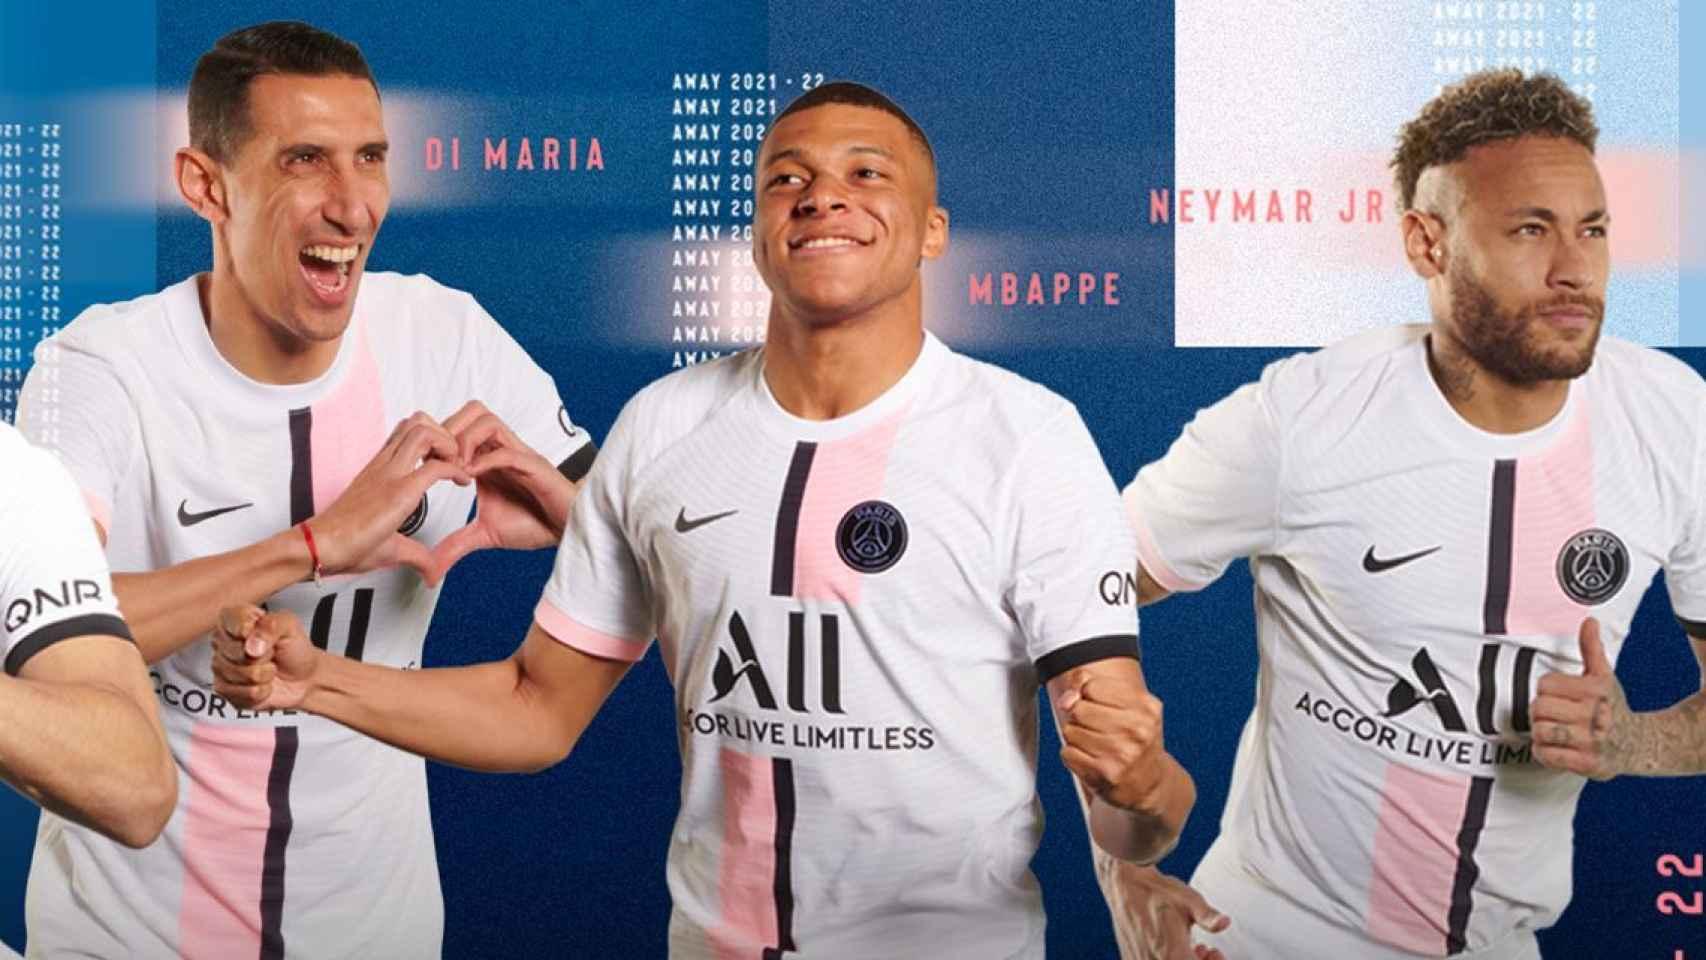 Mbappé, en la presentación de la nueva camiseta del PSG